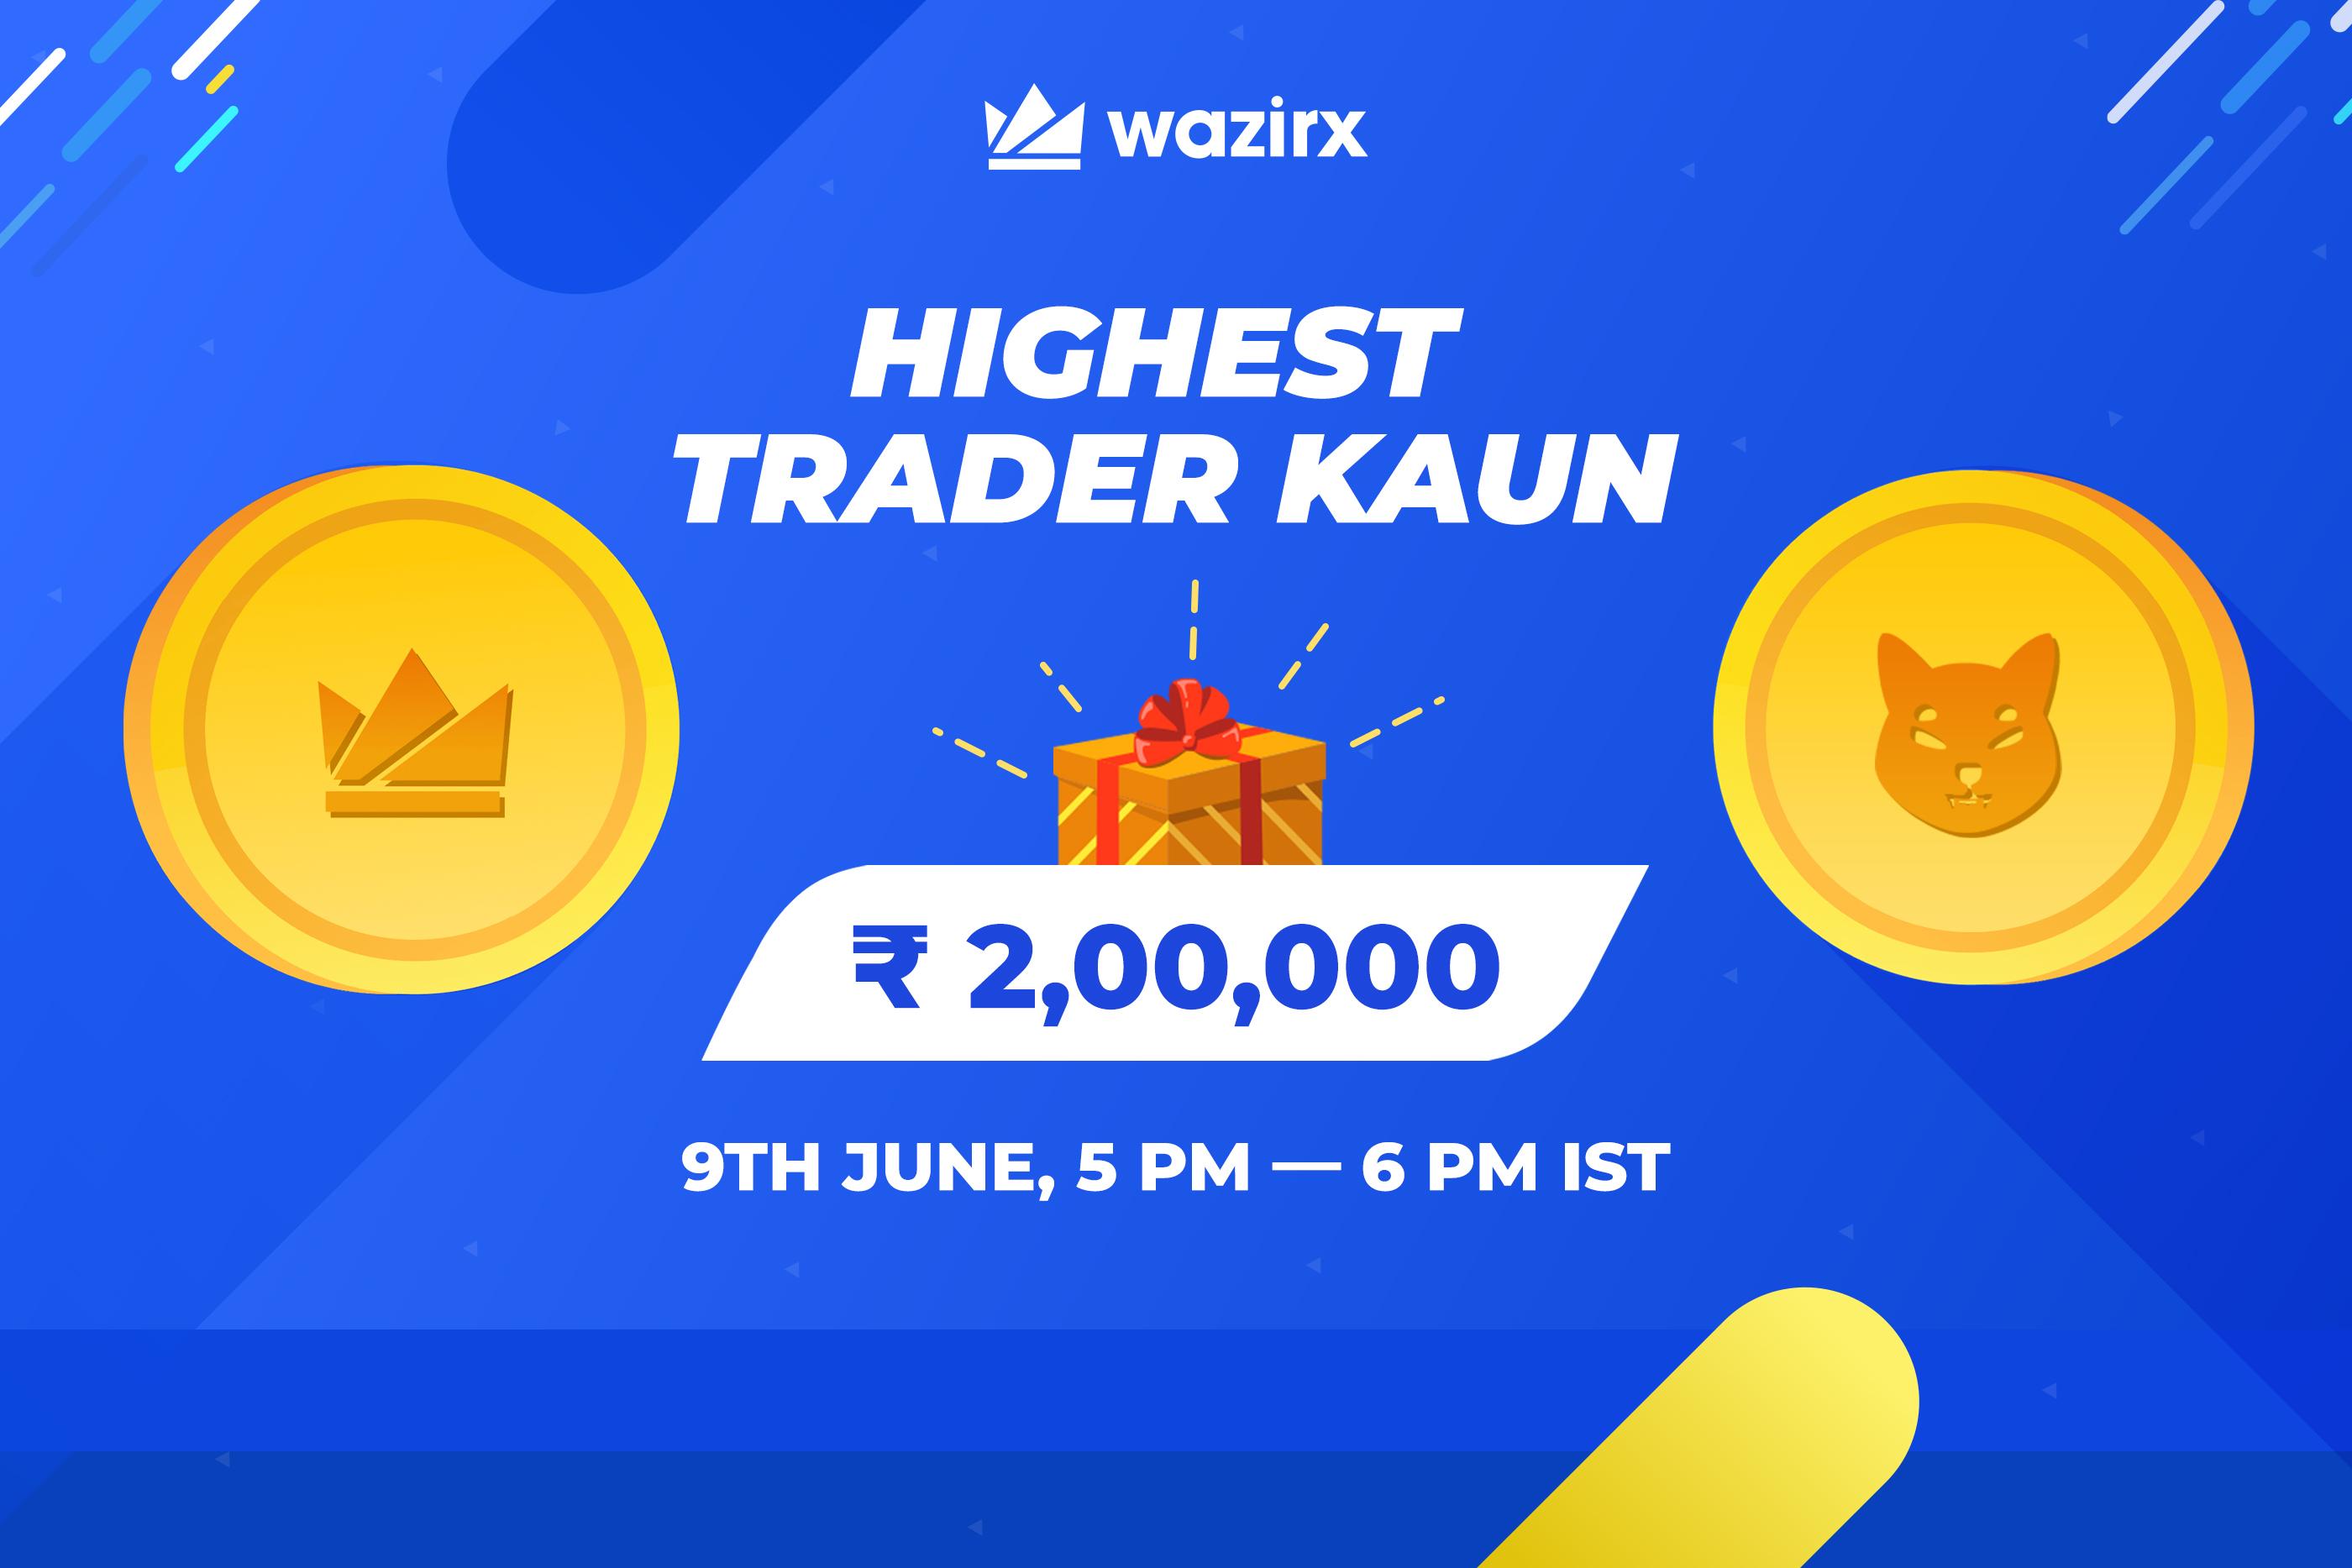 Highest Trader Kaun